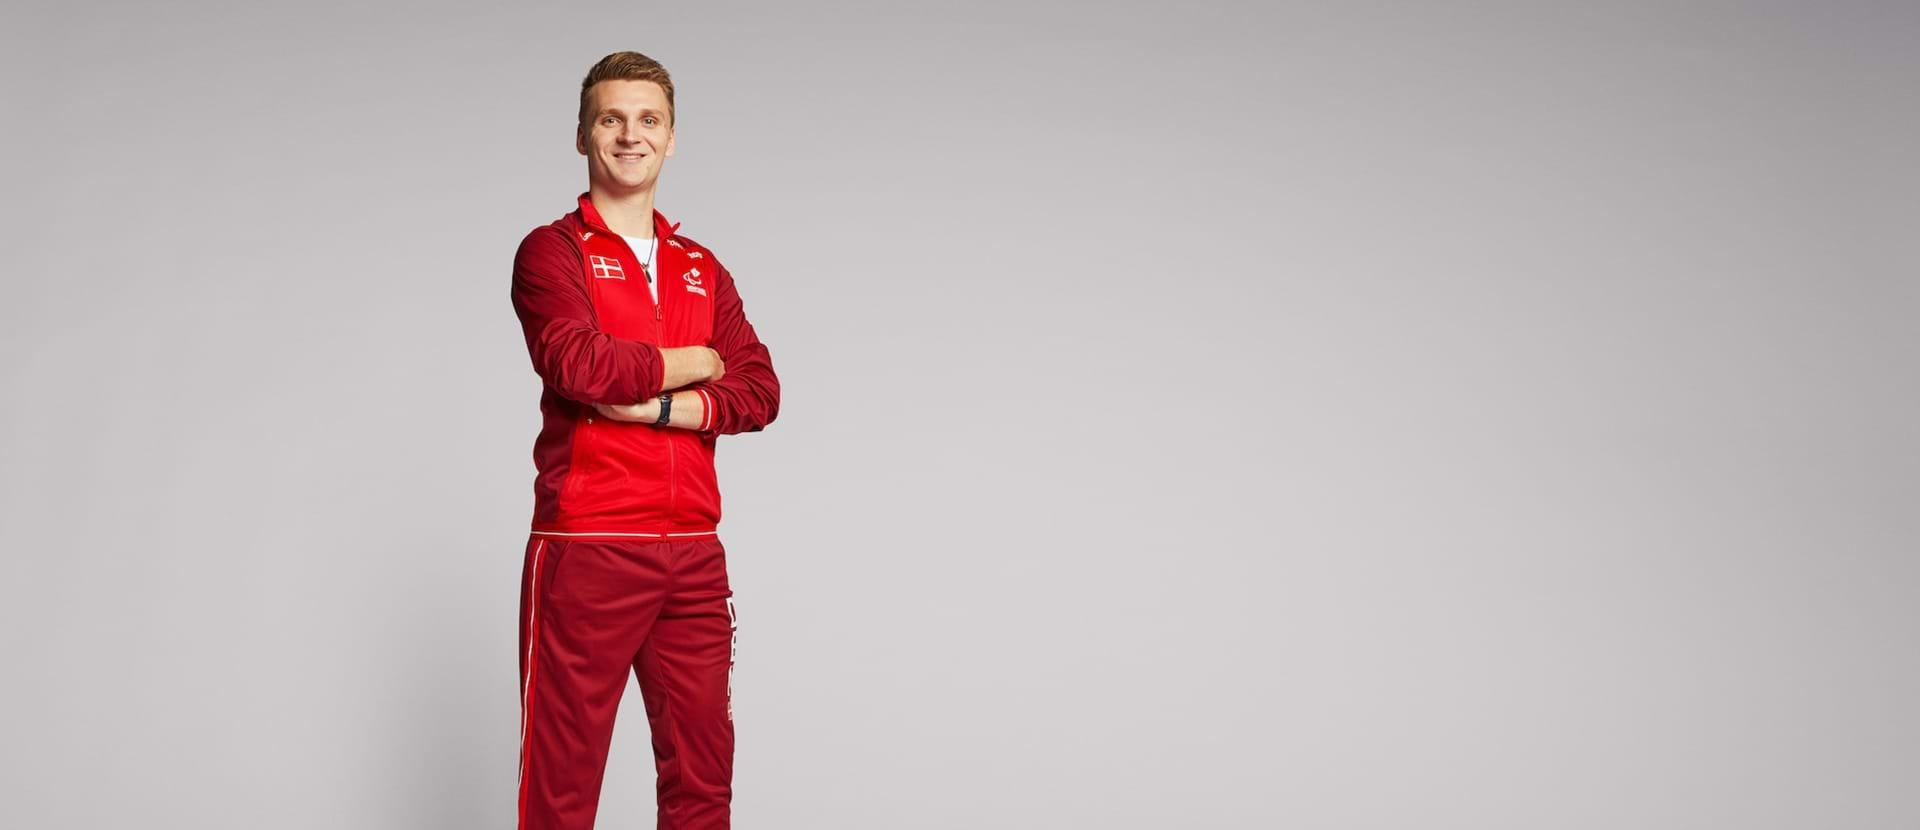 PL20 Daniel Wagner Kredit BESTSELLER For DIF Og Team Danmark WEB